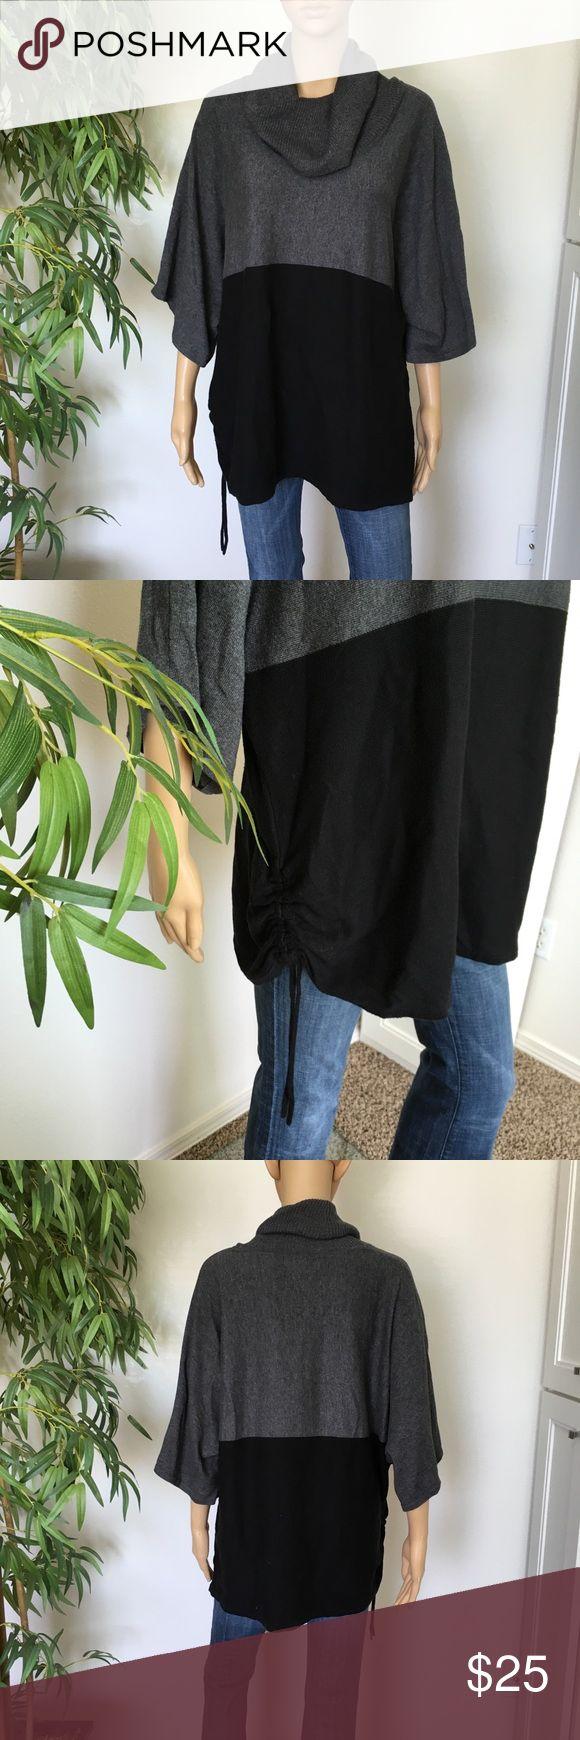 Karen Scott Sweater Cowl Neck size 2X EUC like new Cowl neck style sweater size 2X from Karen Scott Karen Scott Sweaters